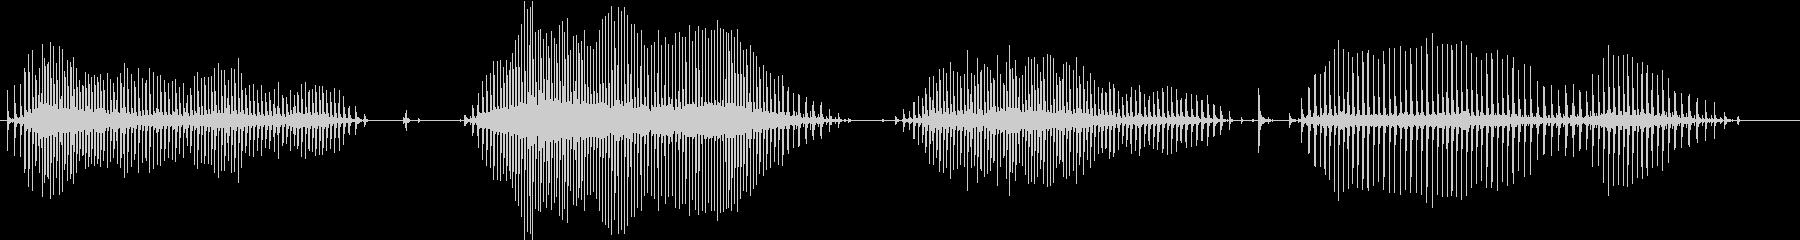 電動ハンドドリル:クラッチギアスピンの未再生の波形